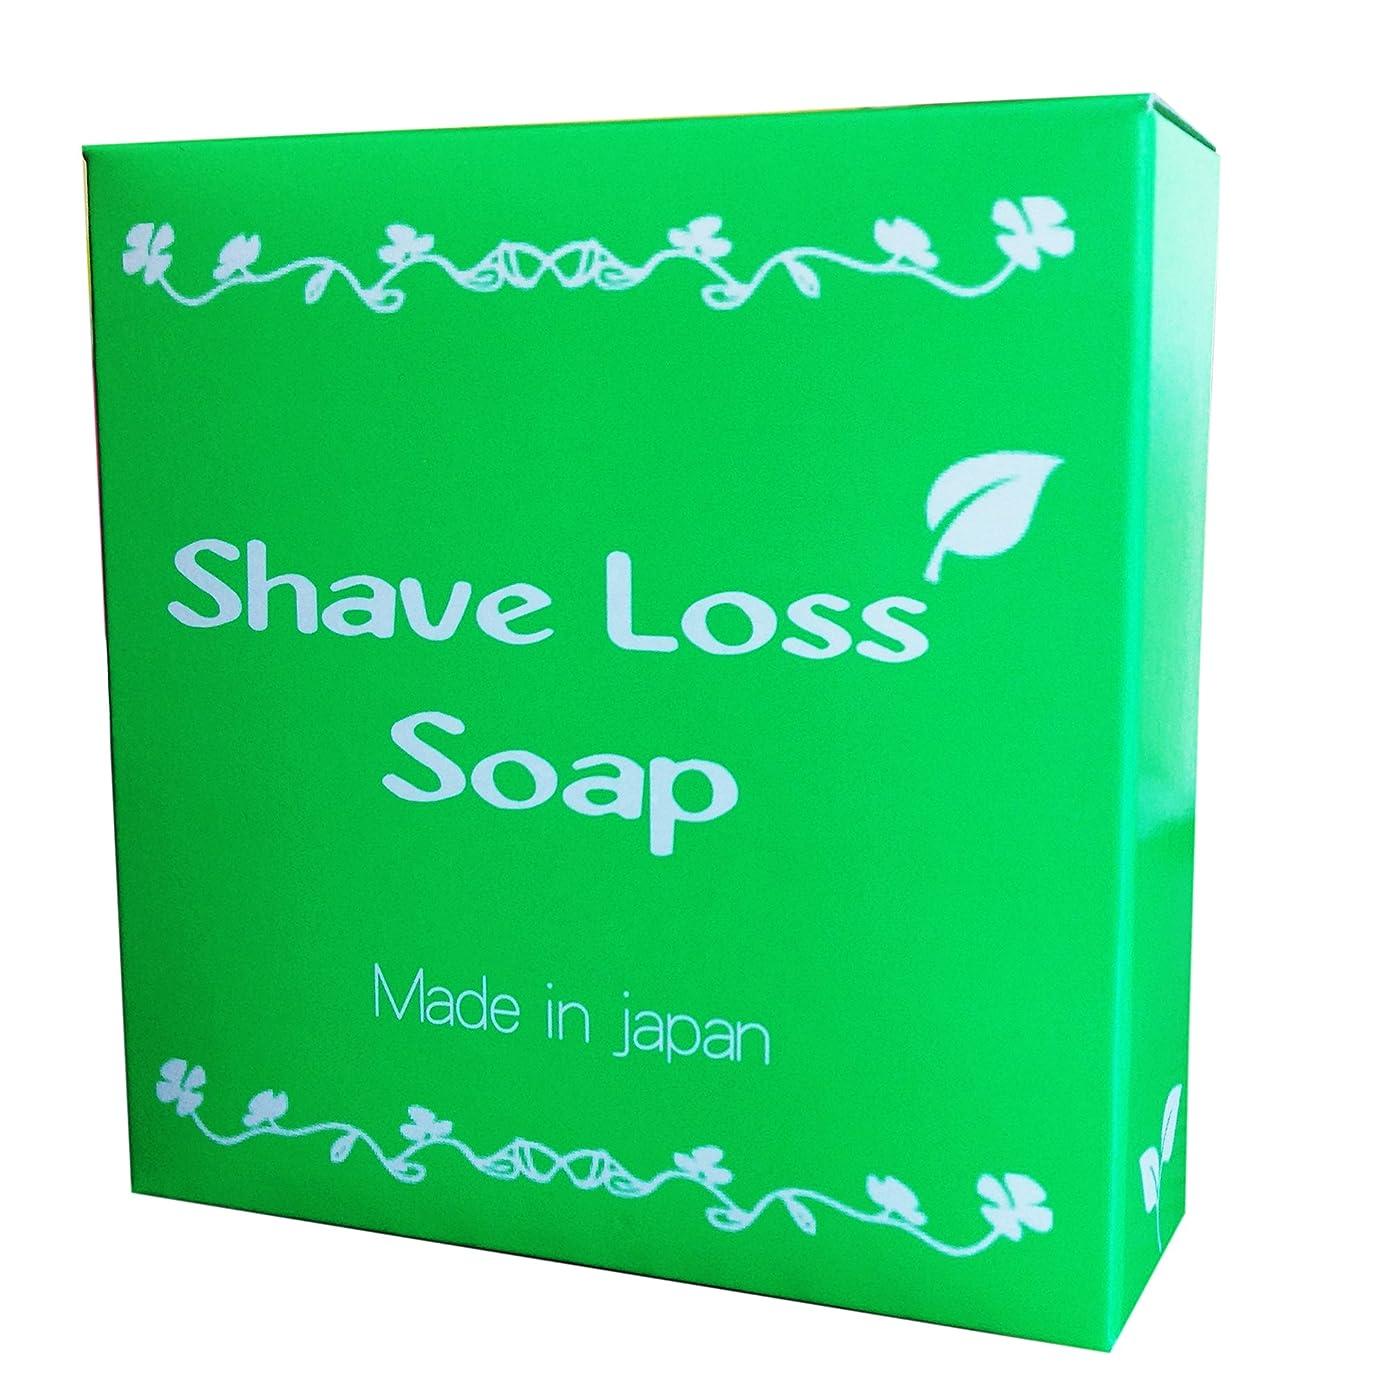 スキャンダラスブランチ成熟したShave Loss Soap 女性のツルツルを叶える 奇跡の石鹸 80g (1個)